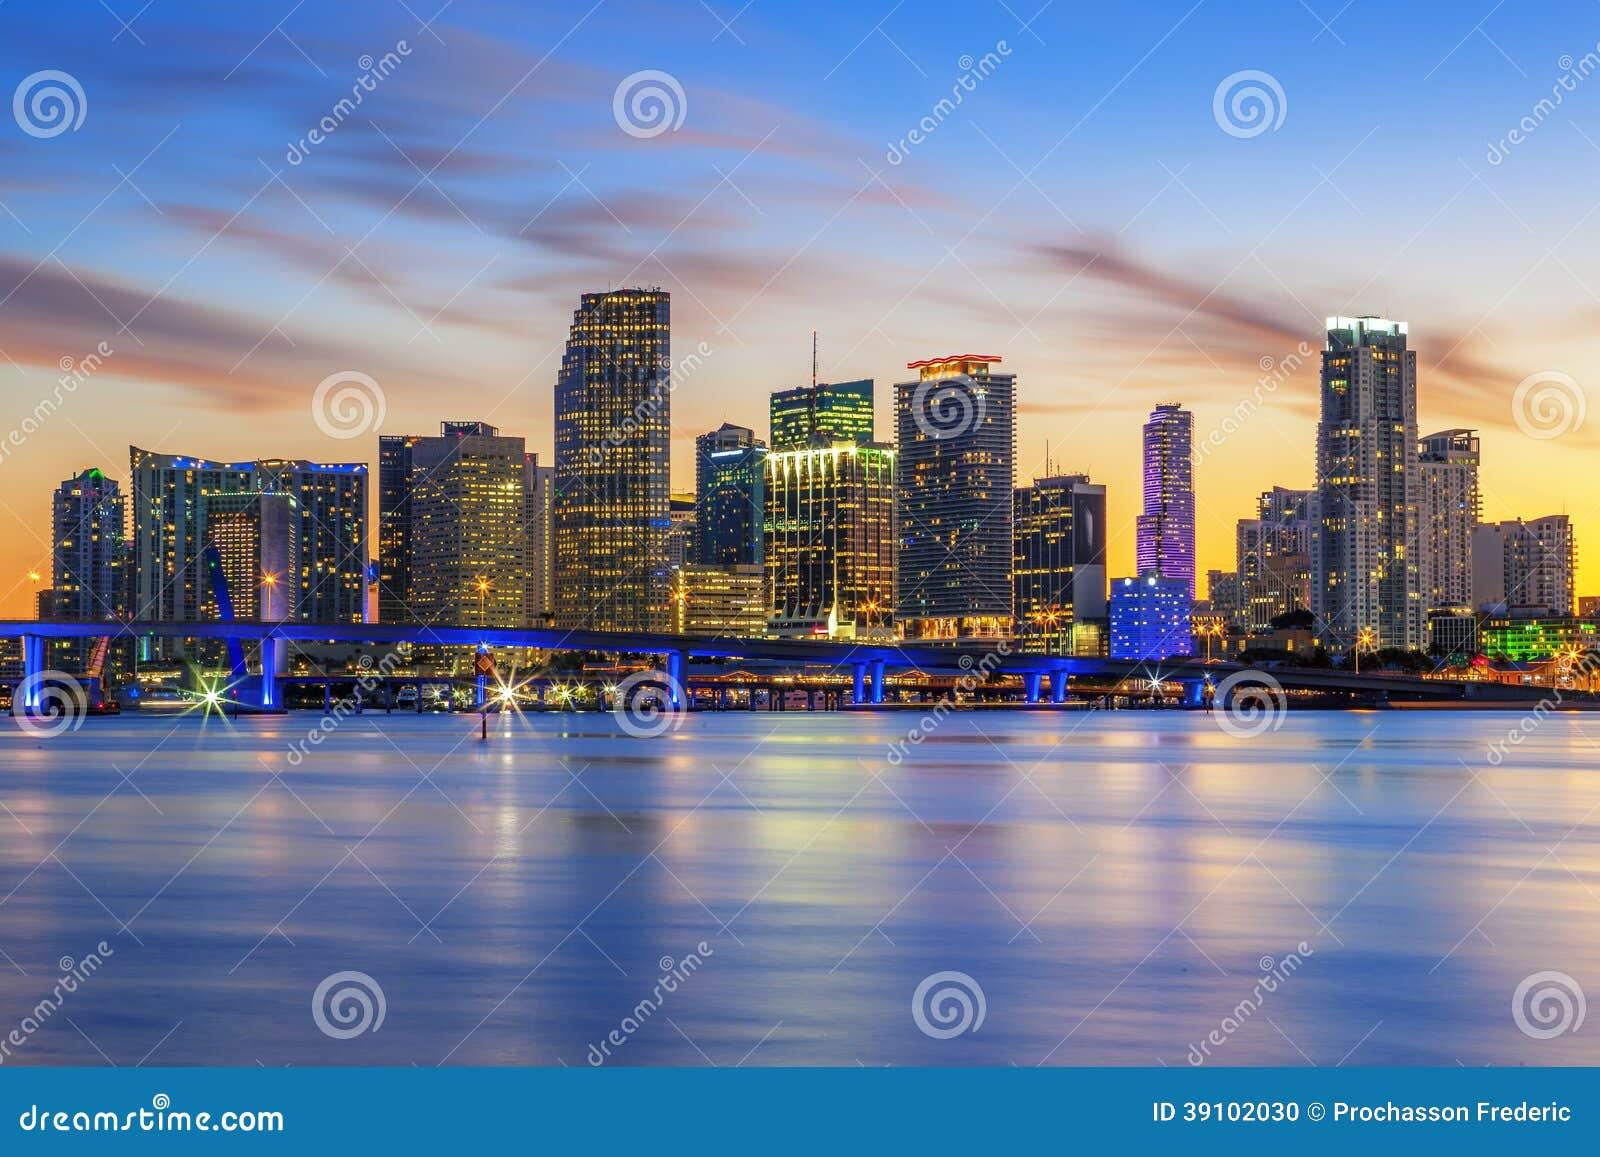 Beroemde stad van Miami